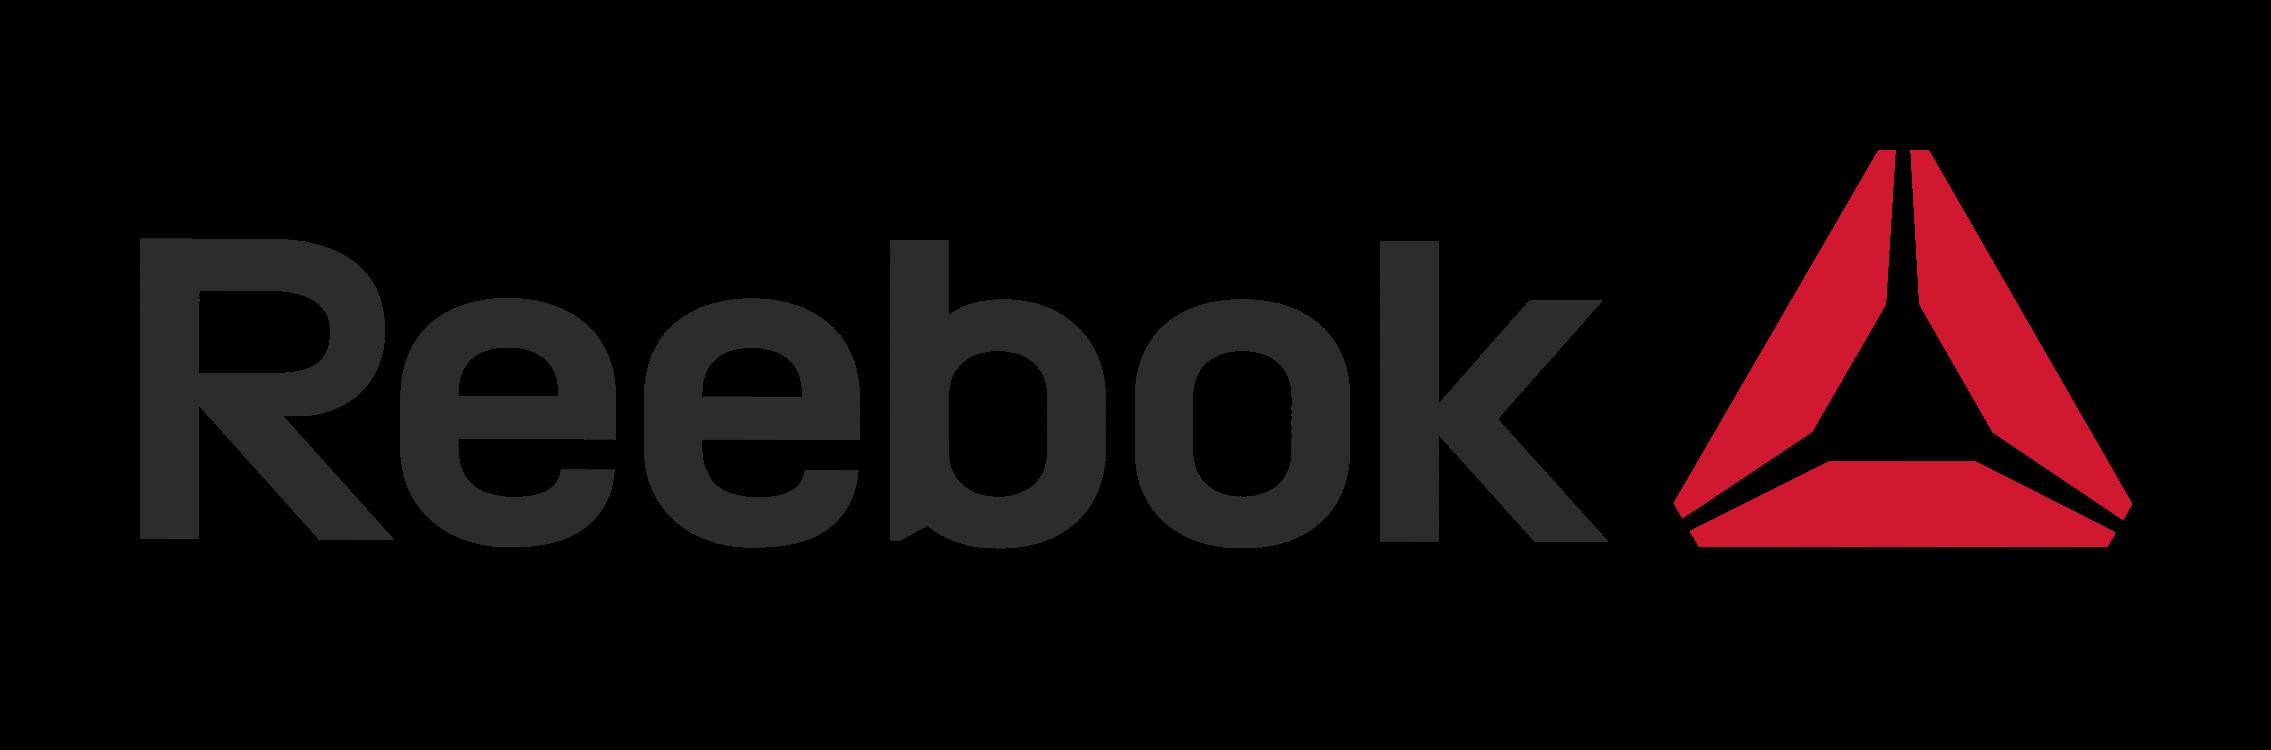 Reebok-logo-2014 Cropped.png